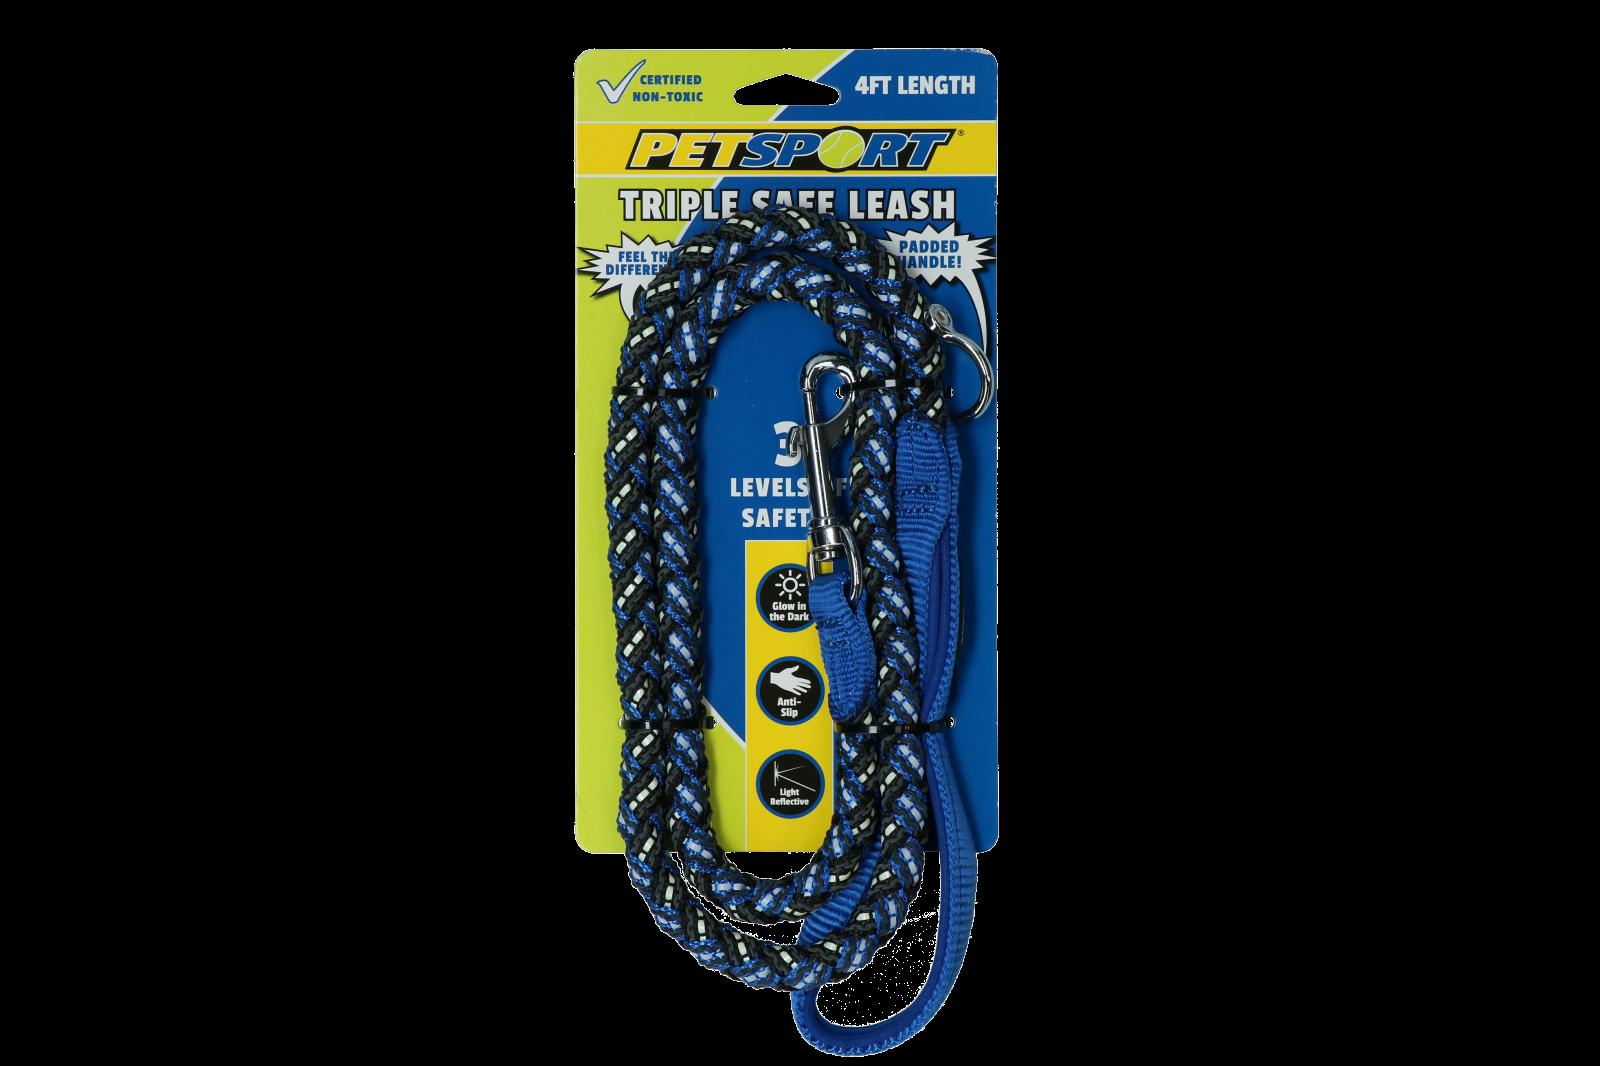 Petsport Triple Safe 4ft Leash Blauw